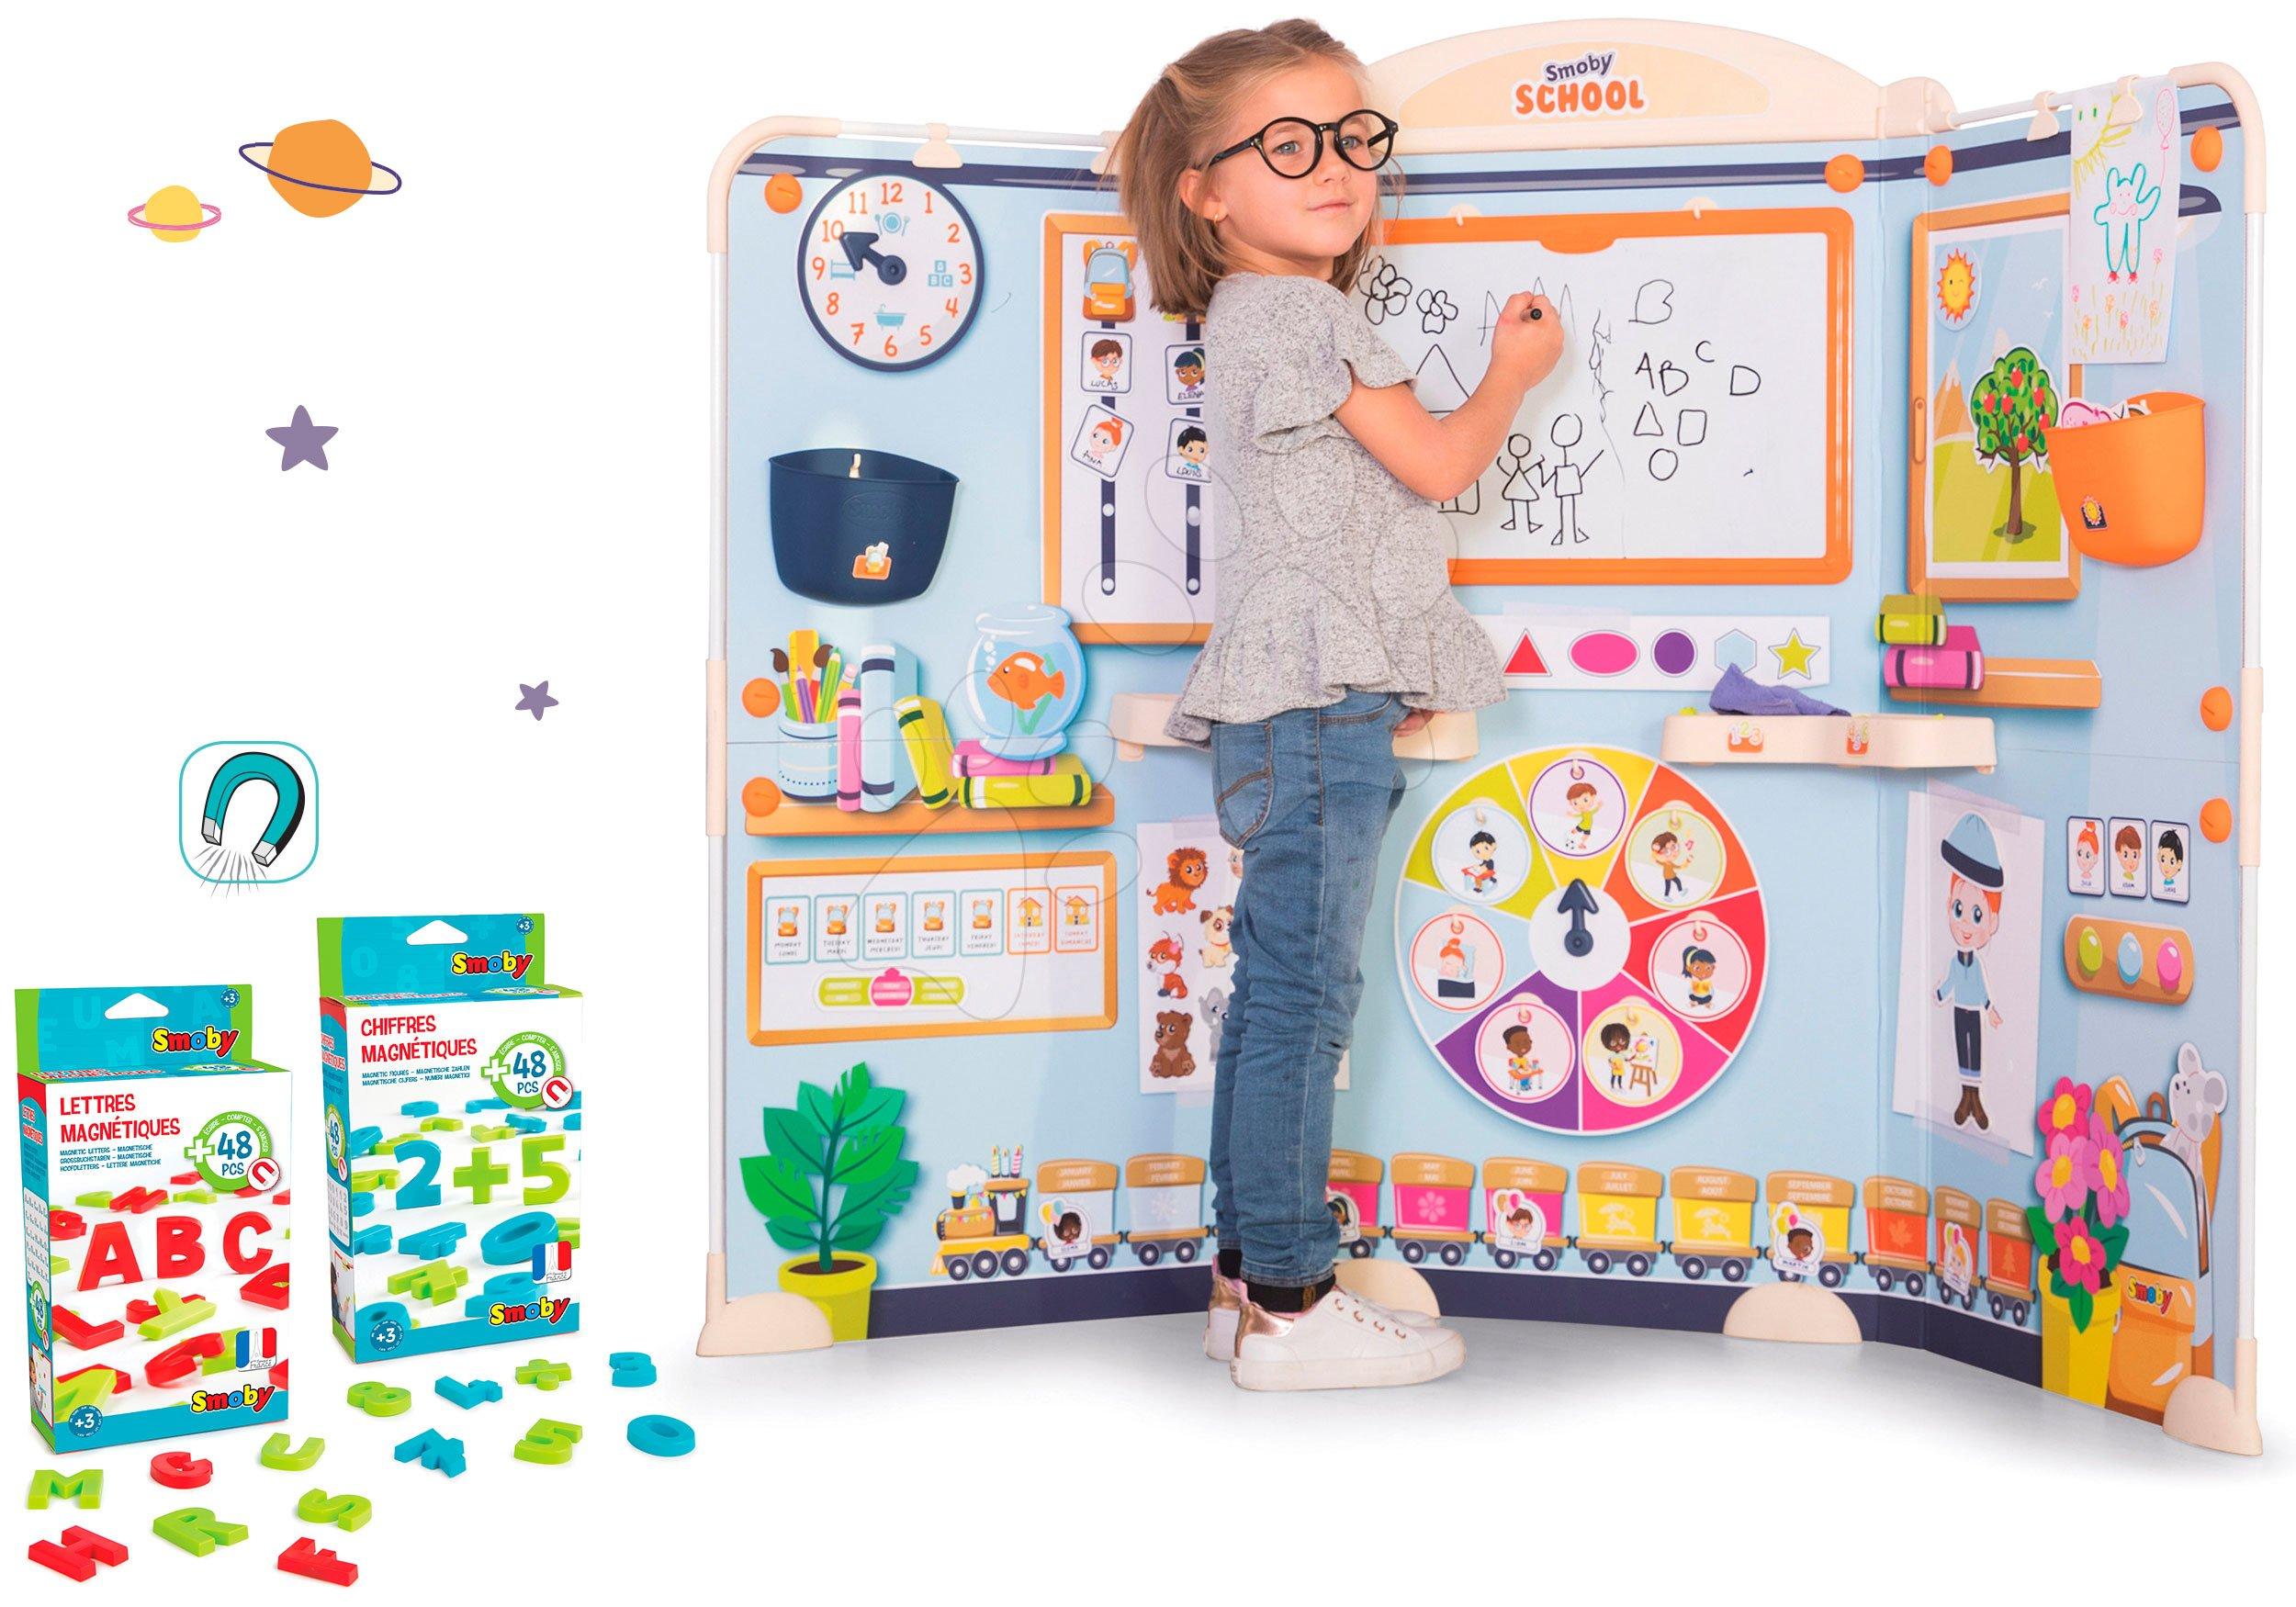 Set škola pro předškoláky School Smoby Hra na učitele a žáka s náhradními magnetkami 48 ks ABC a 48 ks čísla